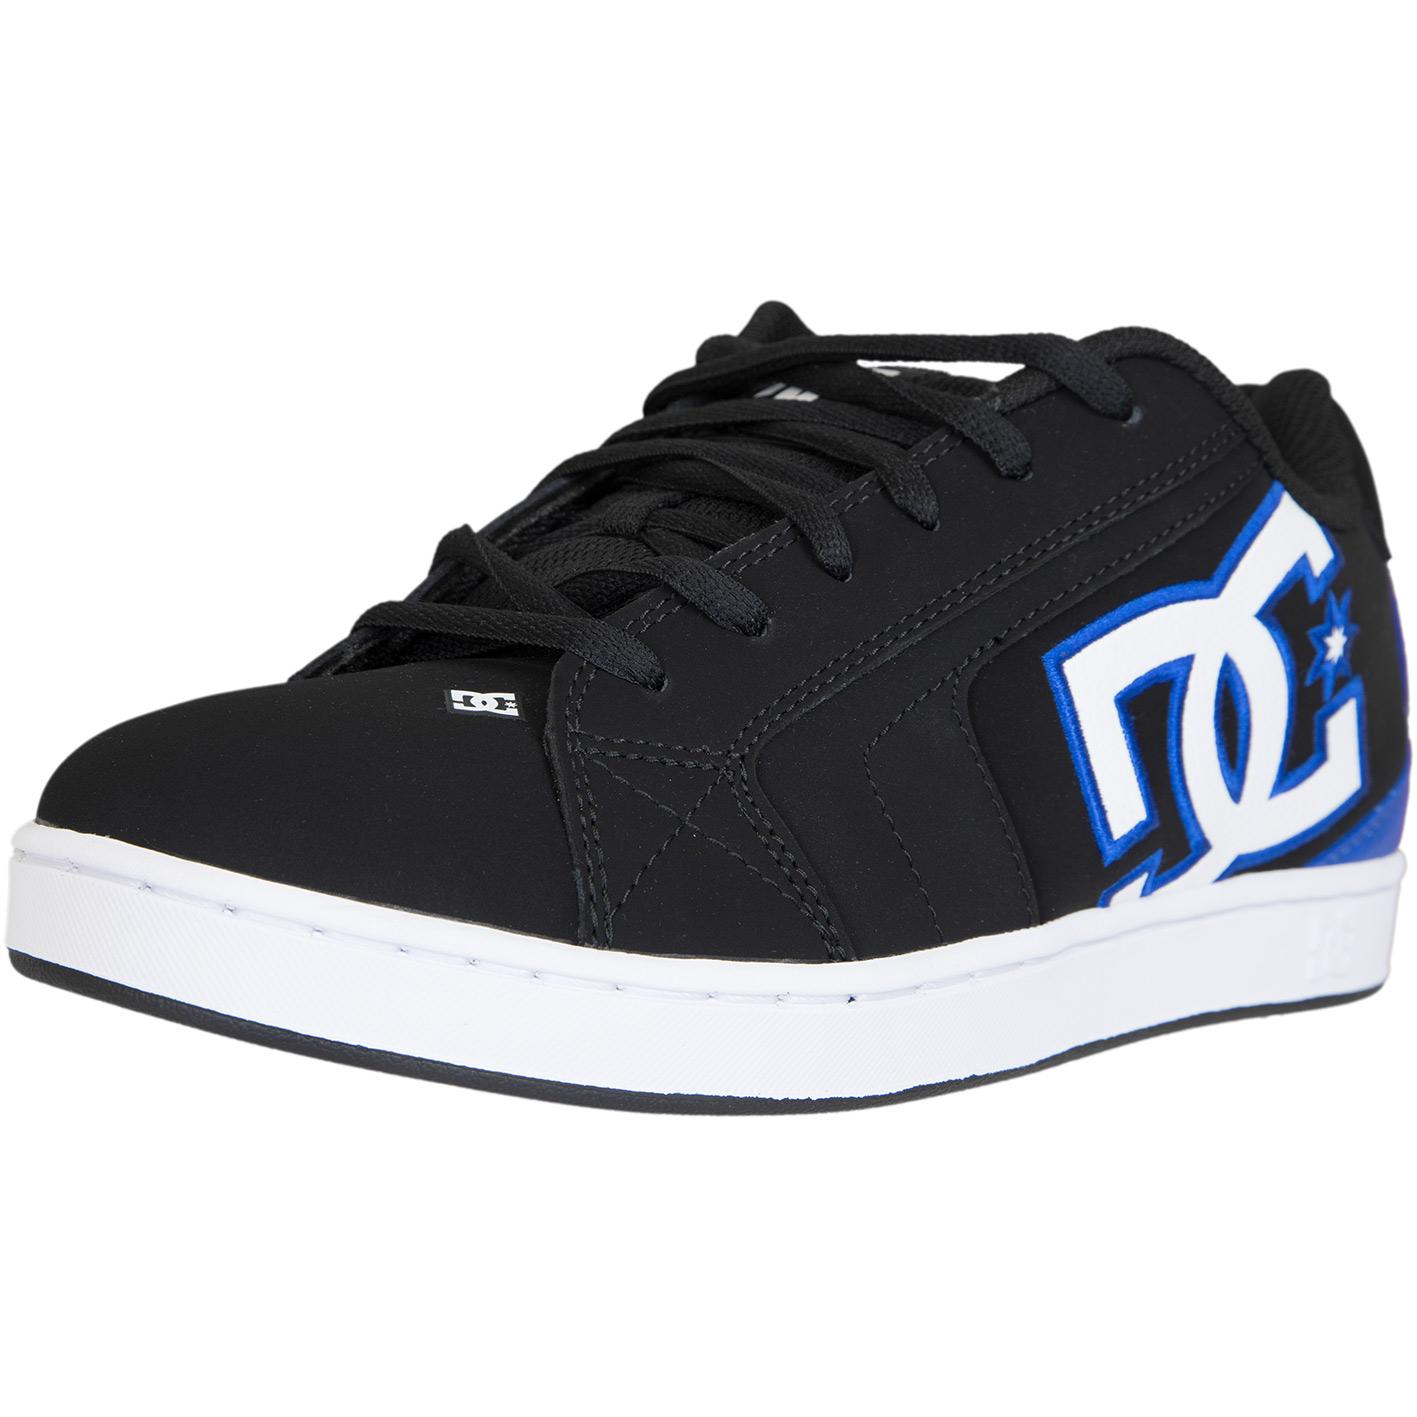 low priced c8c68 fe413 DC Shoes Sneaker Net schwarz/blau